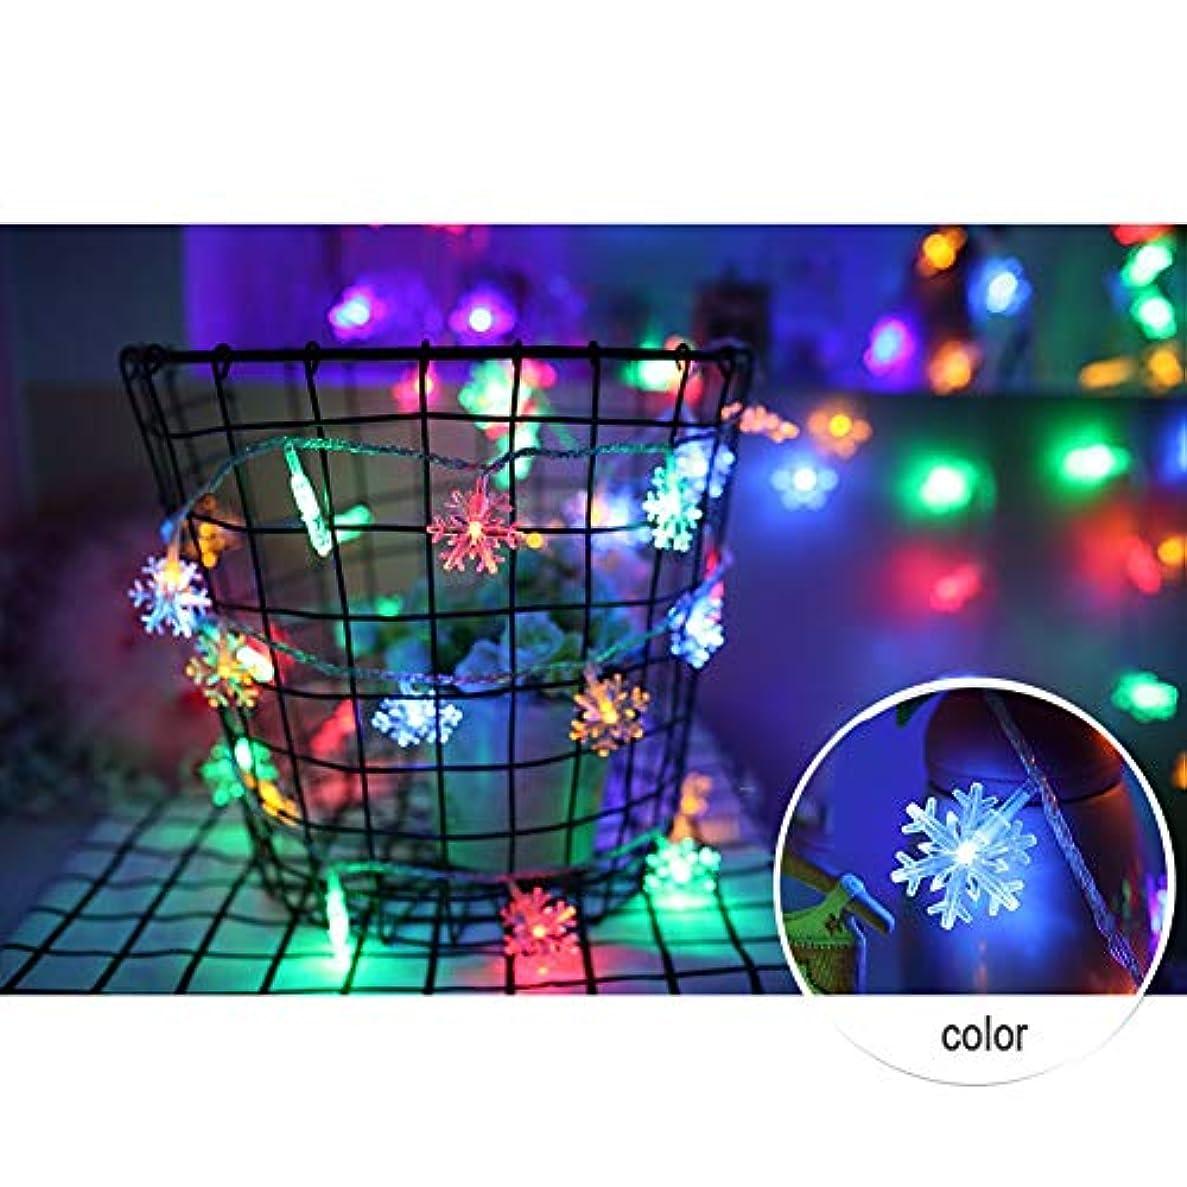 電池式 ストリングライト - 防雨型 スノーフレークLEDイルミネ ーションライト ロマンチックな雰囲気を作る屋外用 ワイヤーライト イルミネーションライト、庭、パティオ、バルコニ、ークリスマス